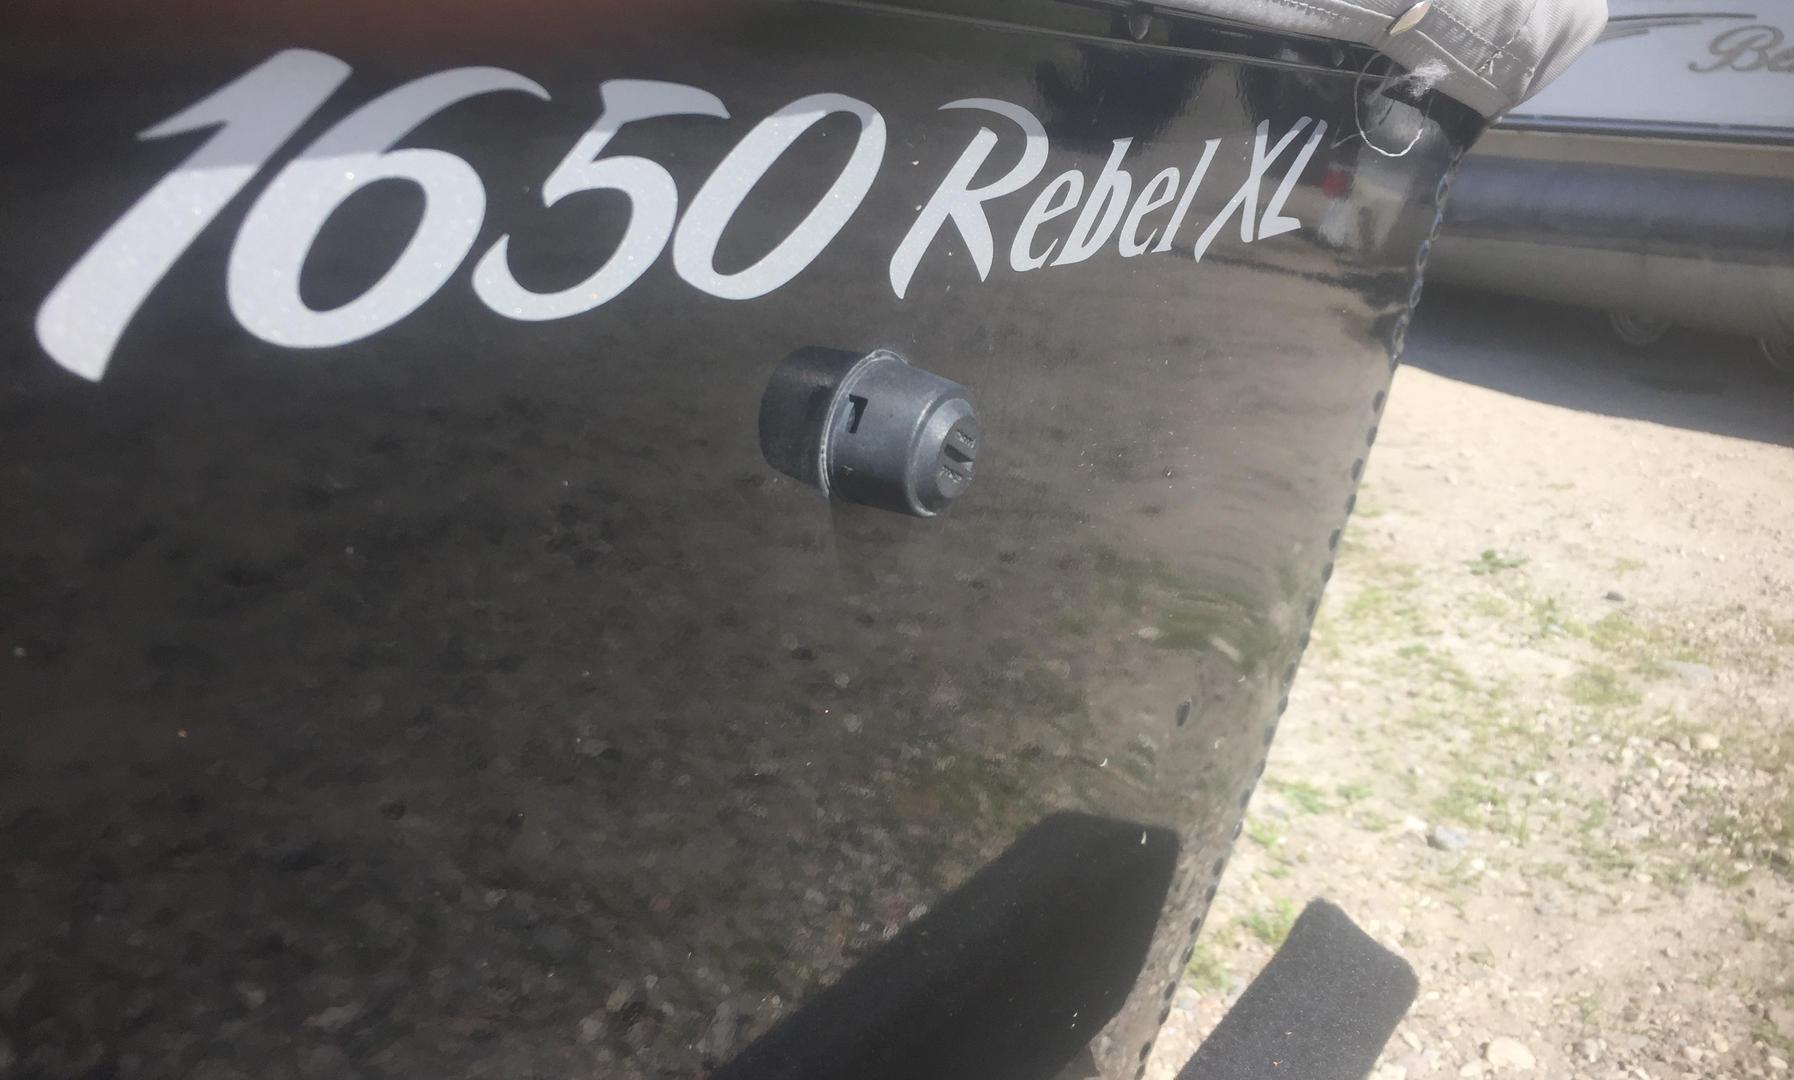 UBOO  1650 REBEL XL SS 016.JPG